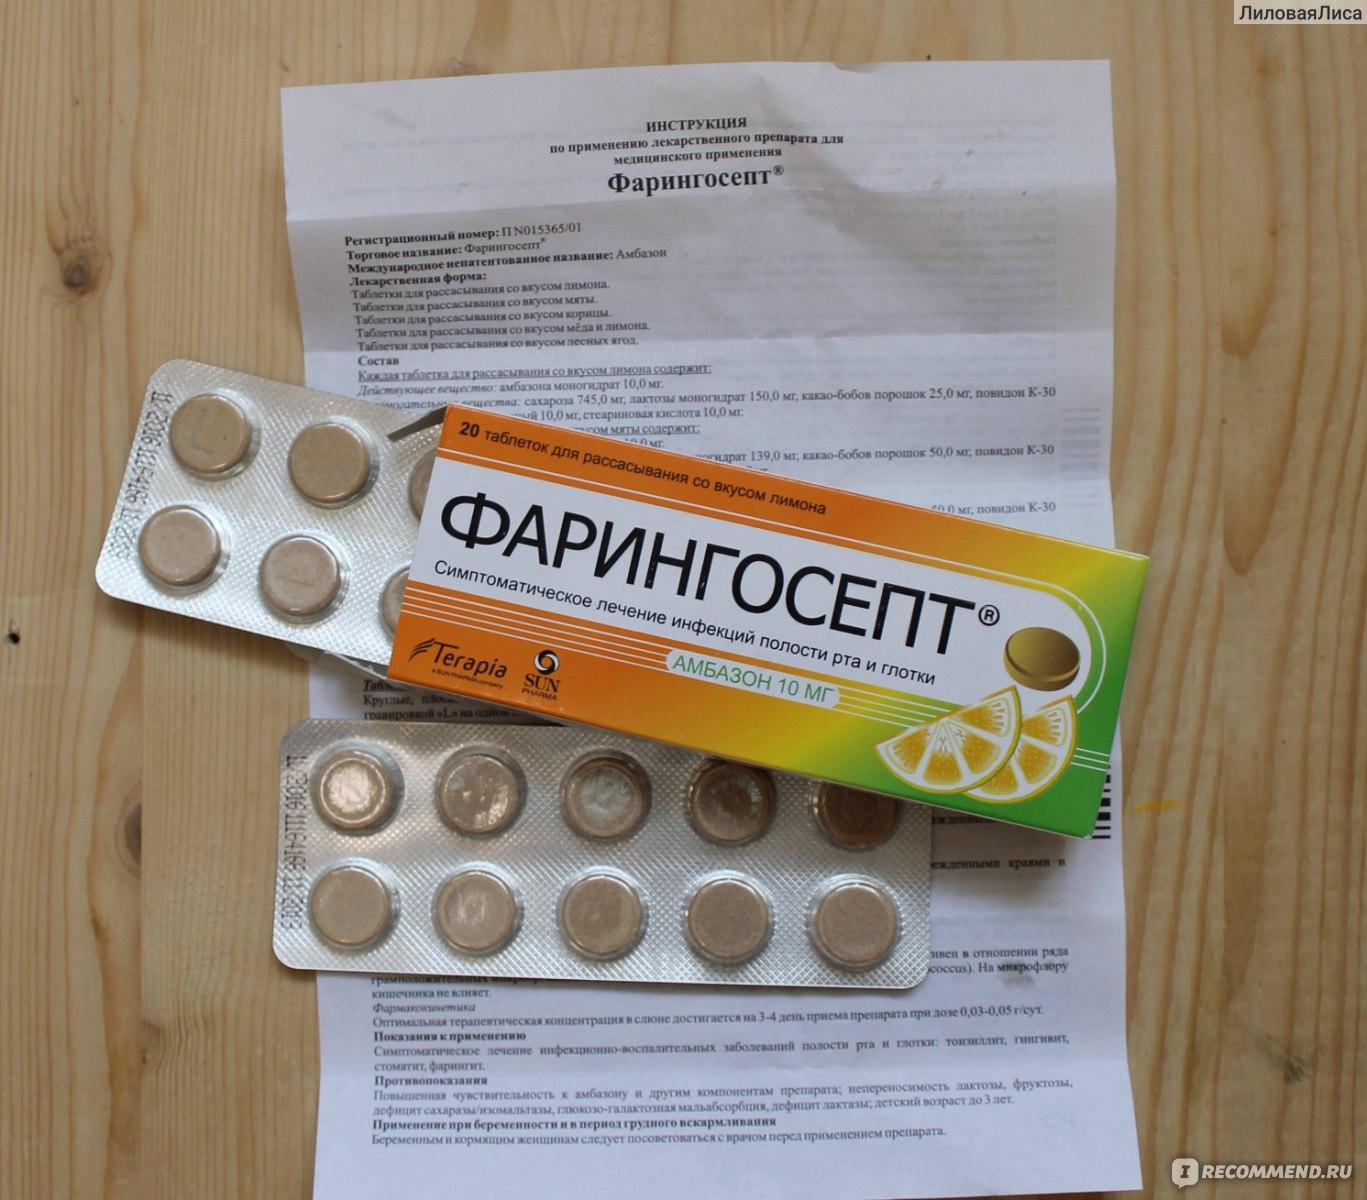 15 таблеток от ангины и антиангин для рассасывания (инструкция): таблетки пить при ангине и боли в горле взрослому, дешевые аналоги, эффективные средства в домашних условиях, уколы, принимать при тонзиллите с температурой, при беременности